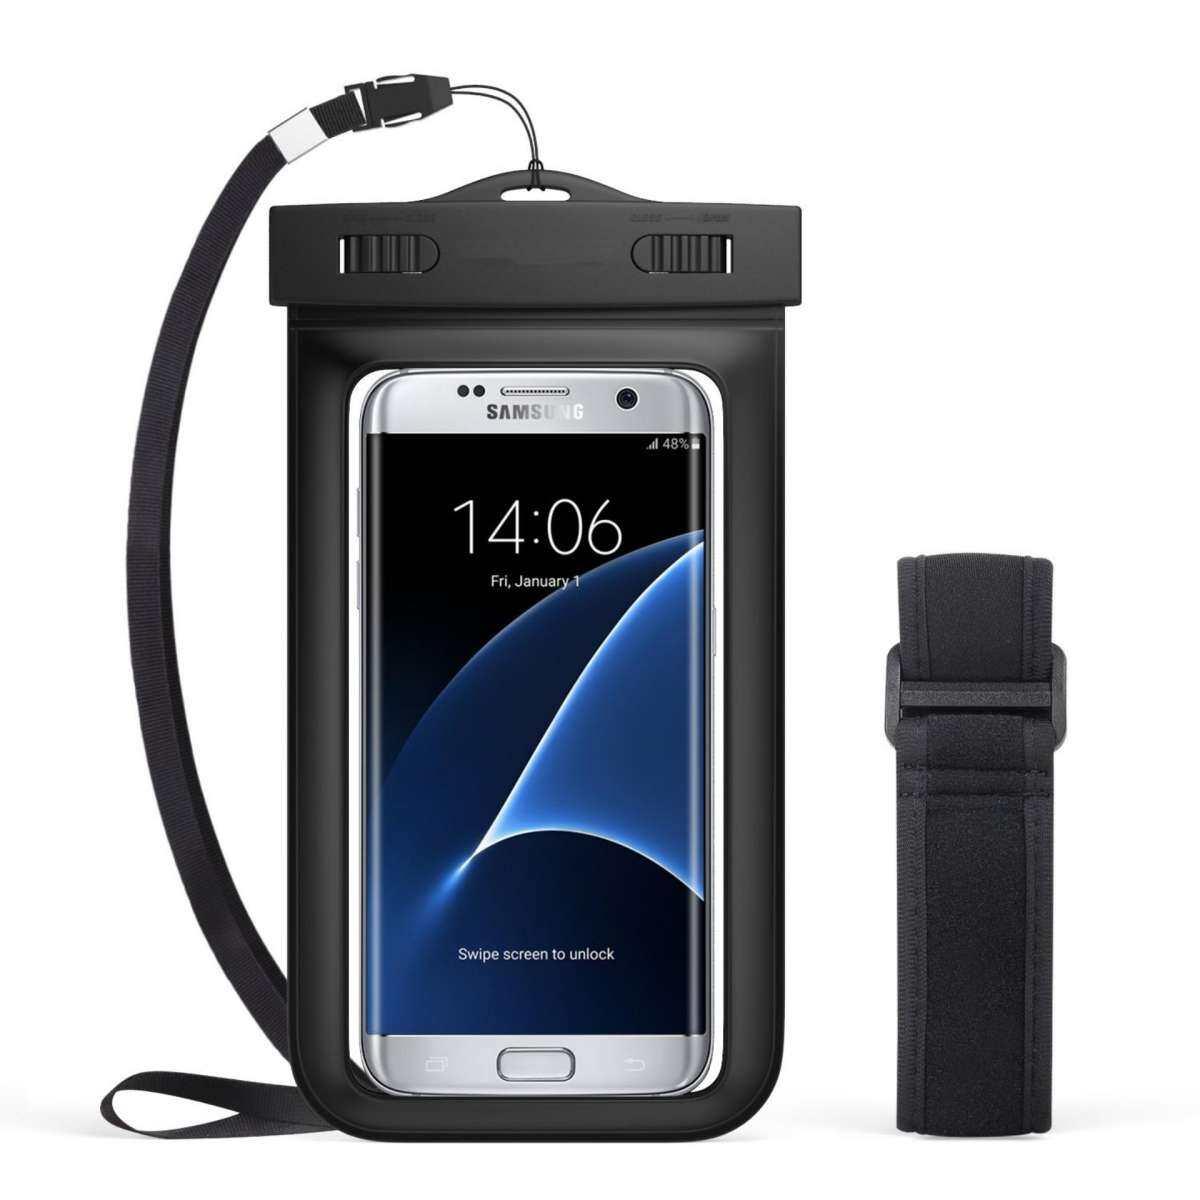 Universal Tahan Air Case, Ponsel Tas Kering dengan Ban Lengan Tali Leher untuk iPhone 7, 7 Plus, 6 S, 6, 6 S Plus, SE, 5 S, Note5, S7 Edge Xiaomi Note 4, ...